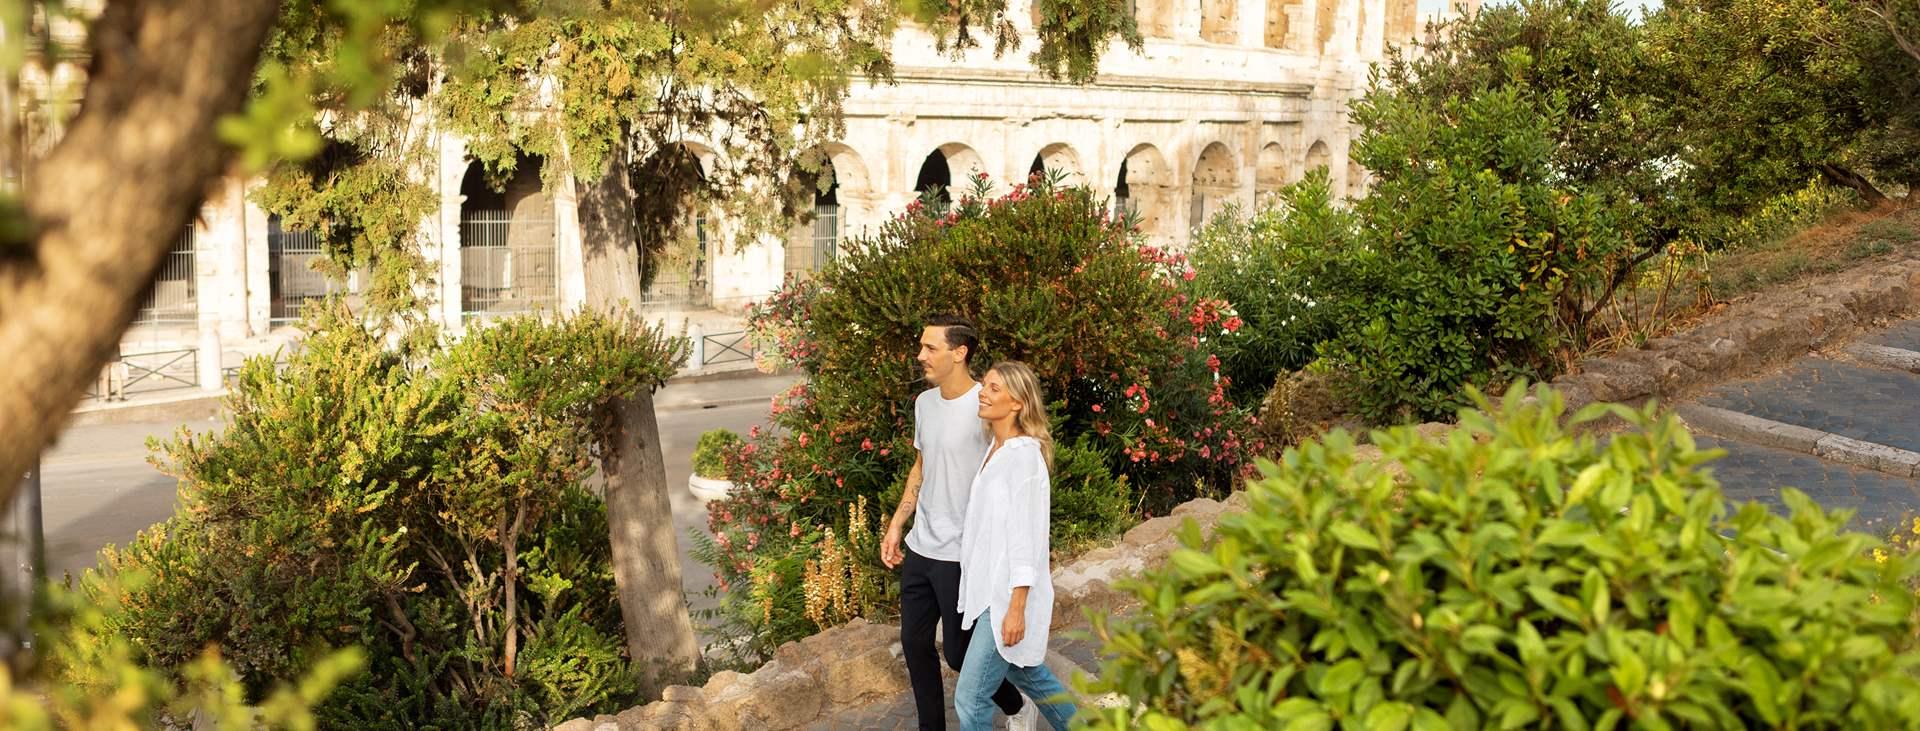 Varaa matkasi Tjäreborgilta Italiaan ja Roomaan